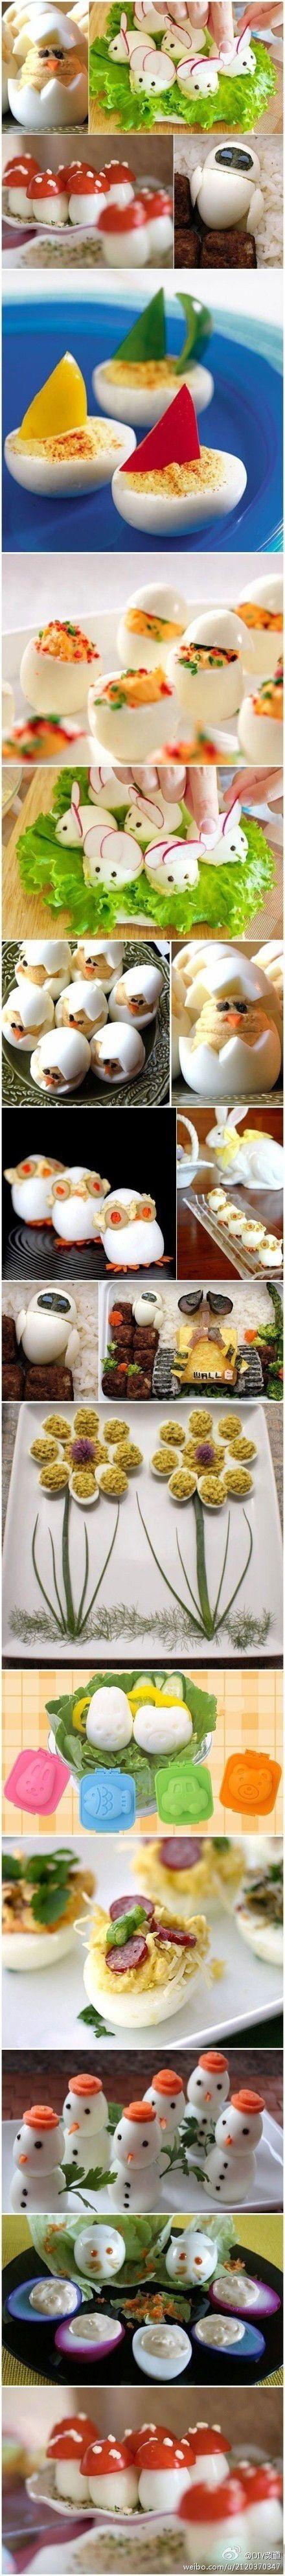 Verschillende vormgeving van eieren